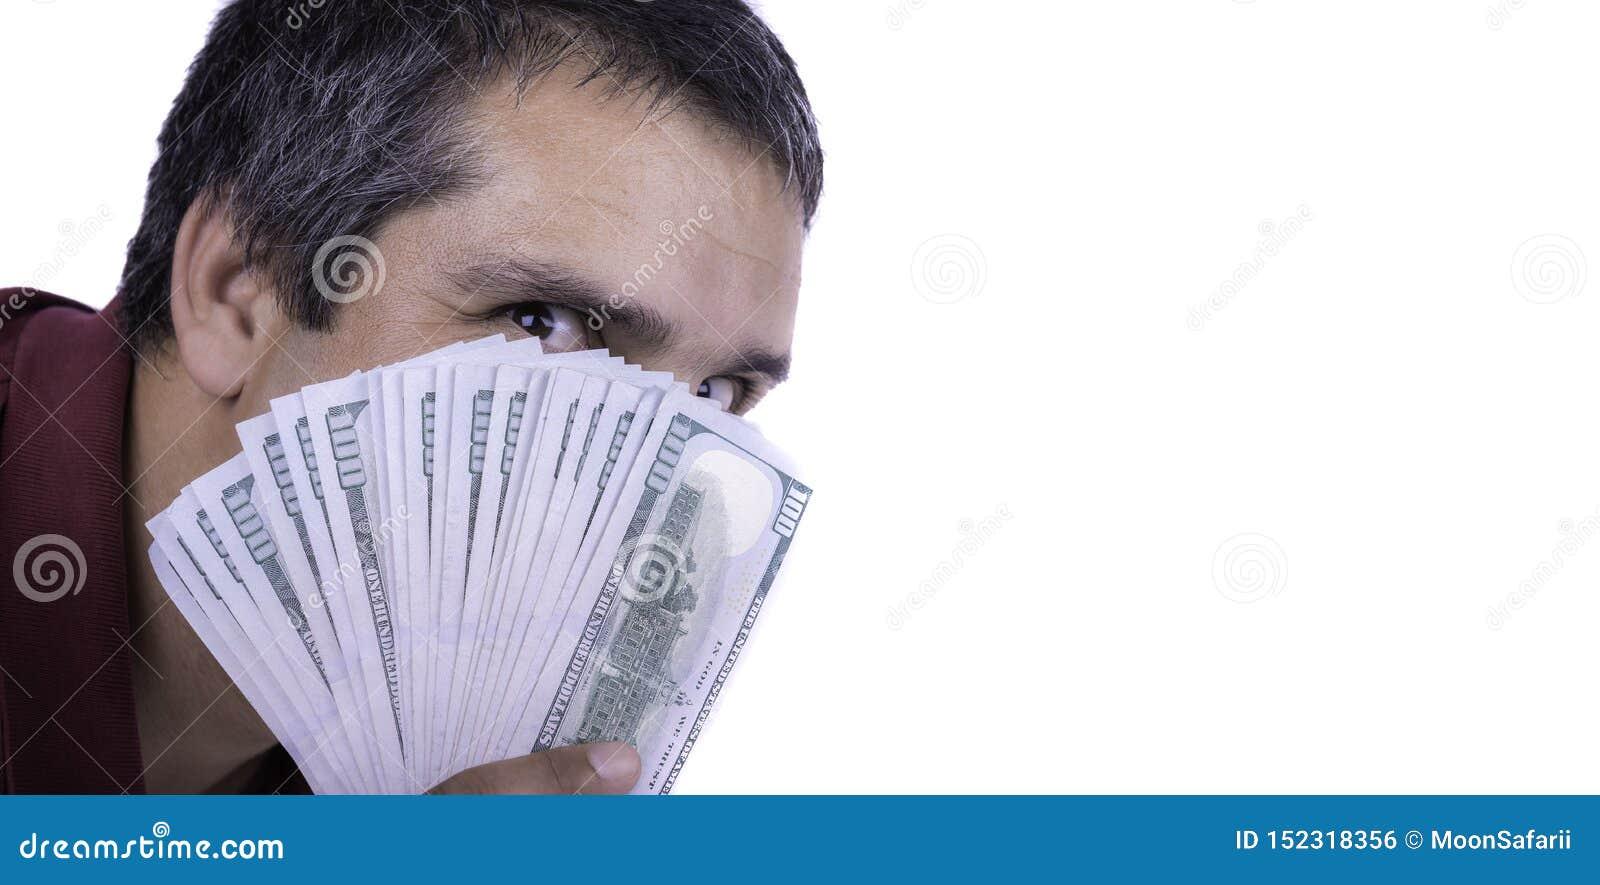 Άτομο που κρατά έναν διαδεδομένο των λογαριασμών εκατό δολαρίων που καλύπτουν το πρόσωπό του που εξετάζει άμεσα άπληστο λάγνο ικα